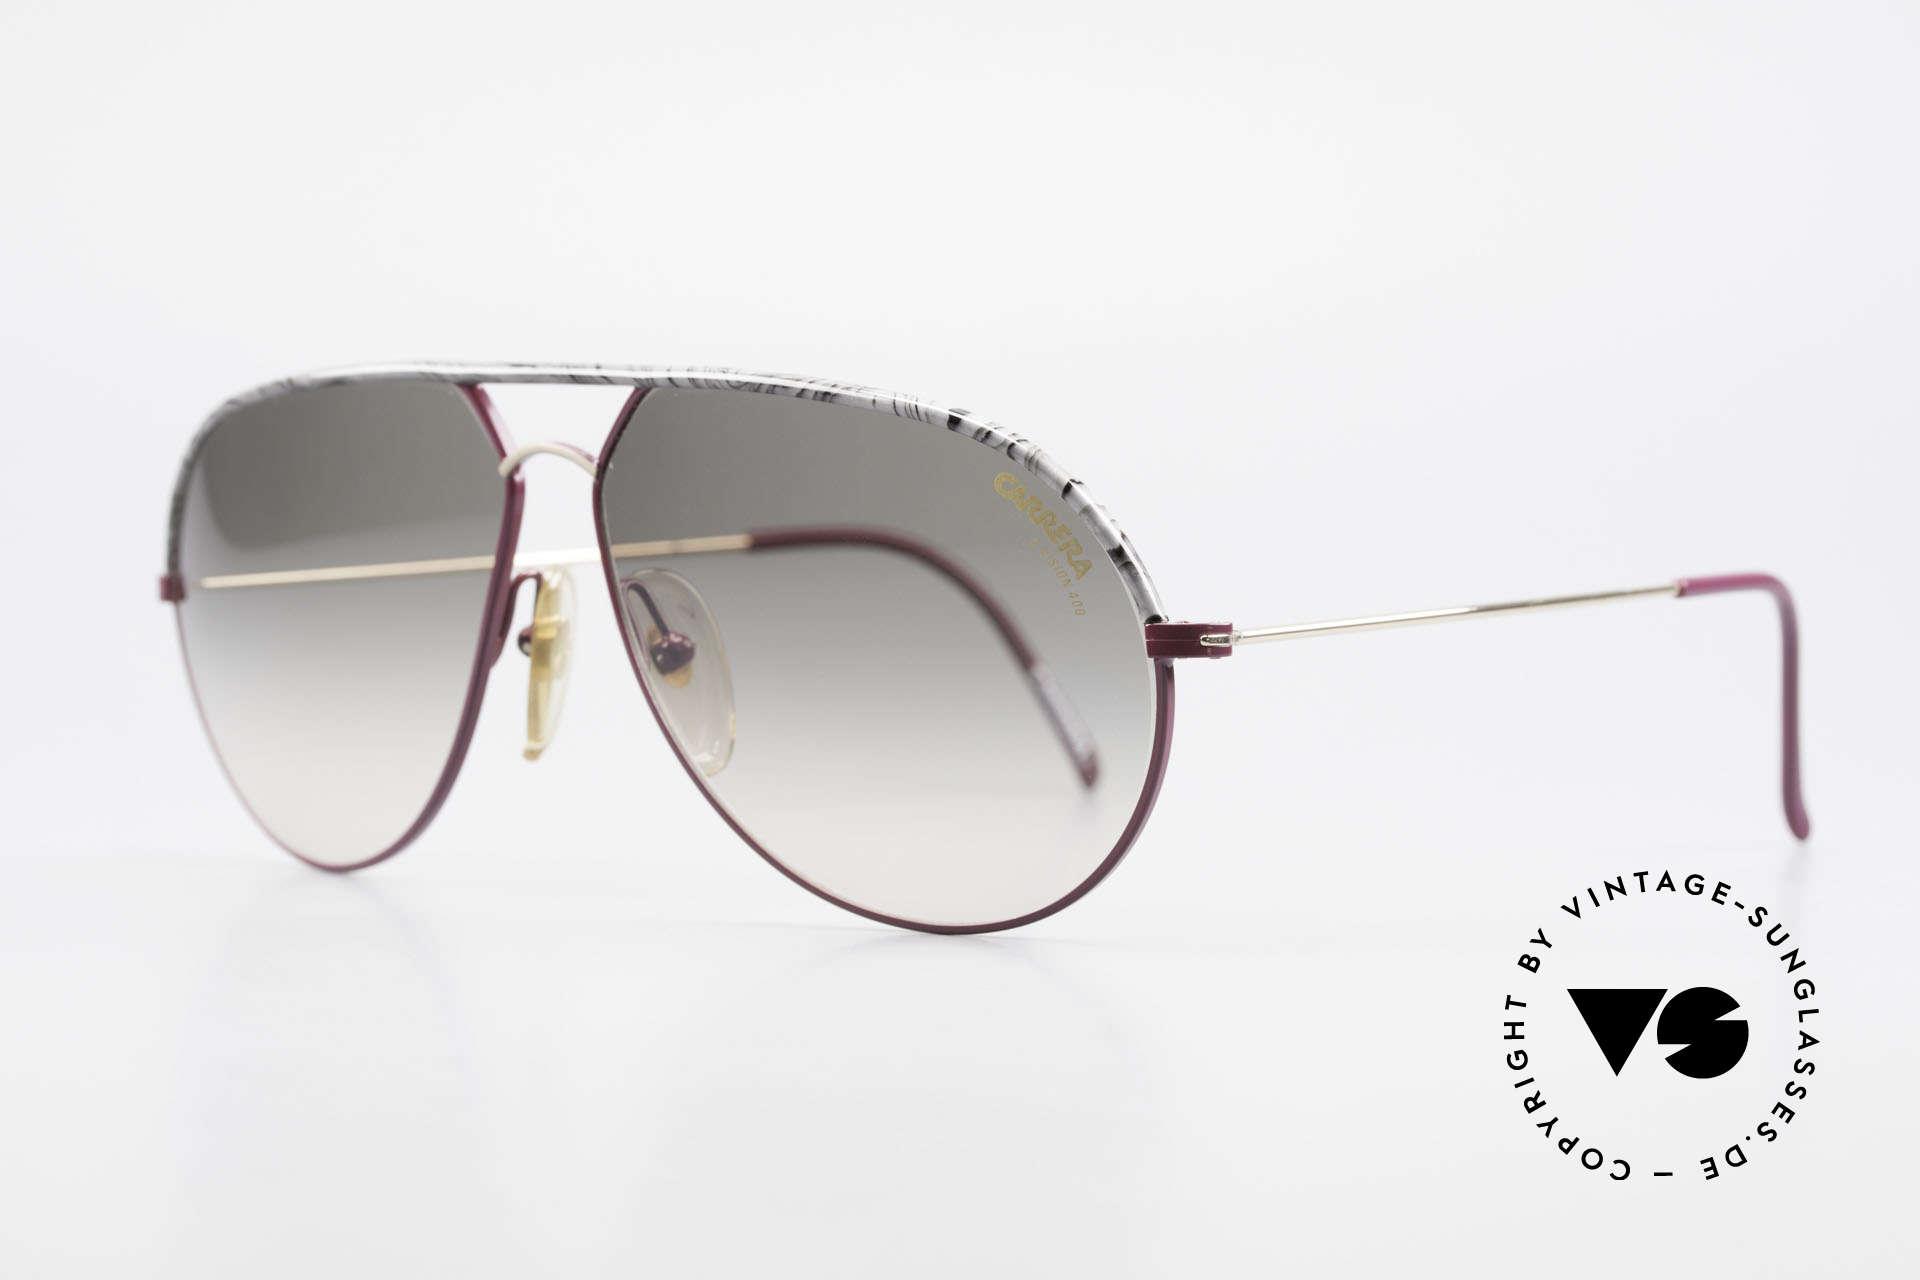 Carrera 5428 Rare Alte Sonnenbrille 80er, weinrot/gold & feiner Oberbalken in Marmor-Optik, Passend für Herren und Damen